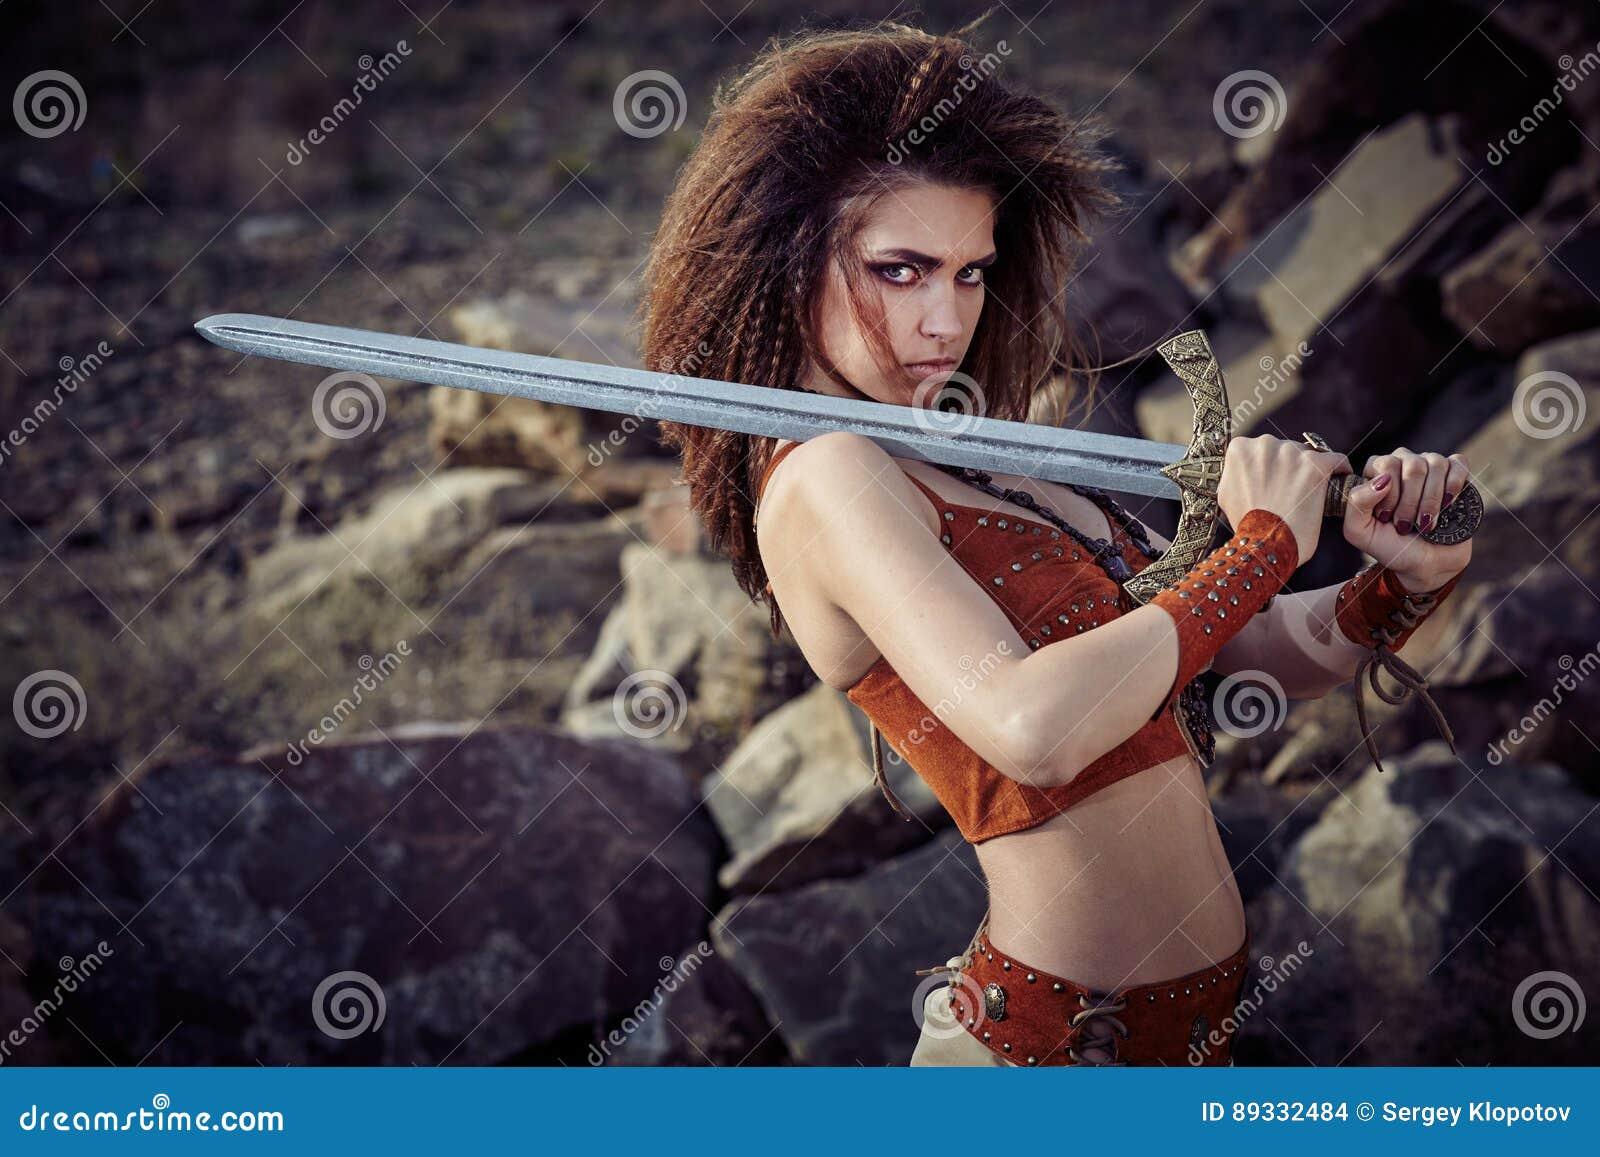 uchat-minet-imena-aktris-amazonki-predpochitayut-vikingov-trusi-zheni-brazilskoe